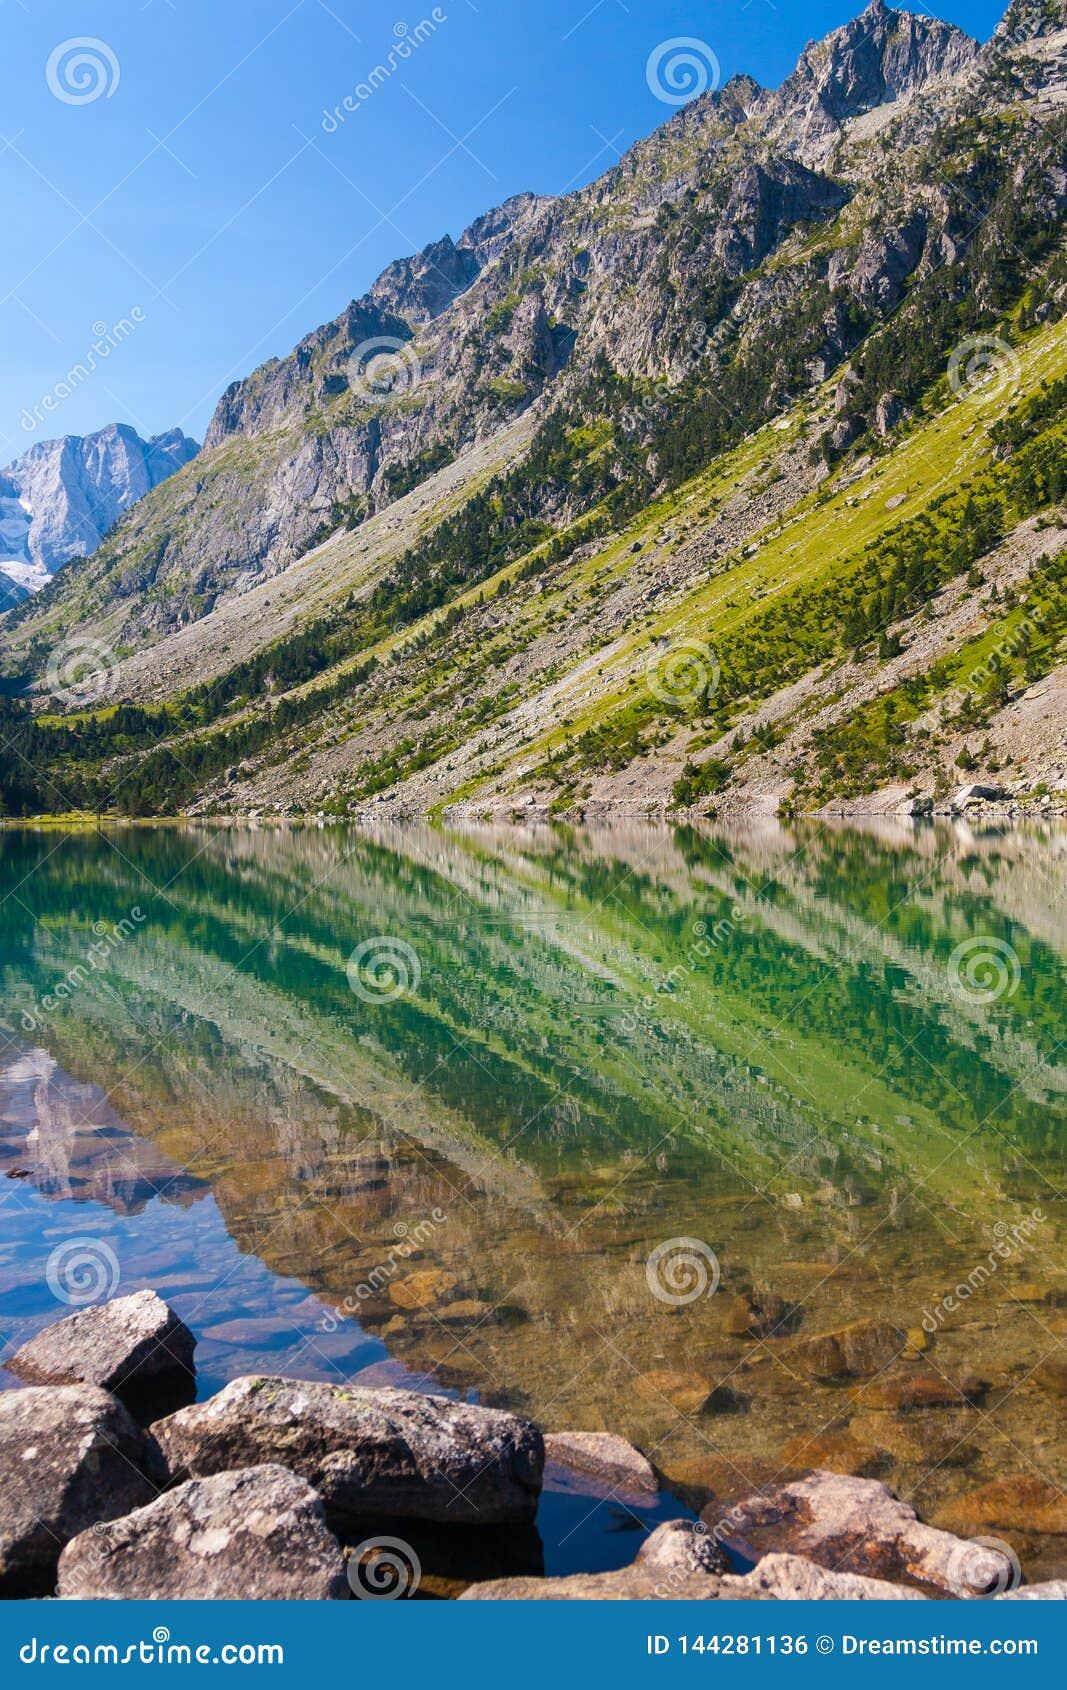 Gaubemeer in de bergketen van de Pyreneeën